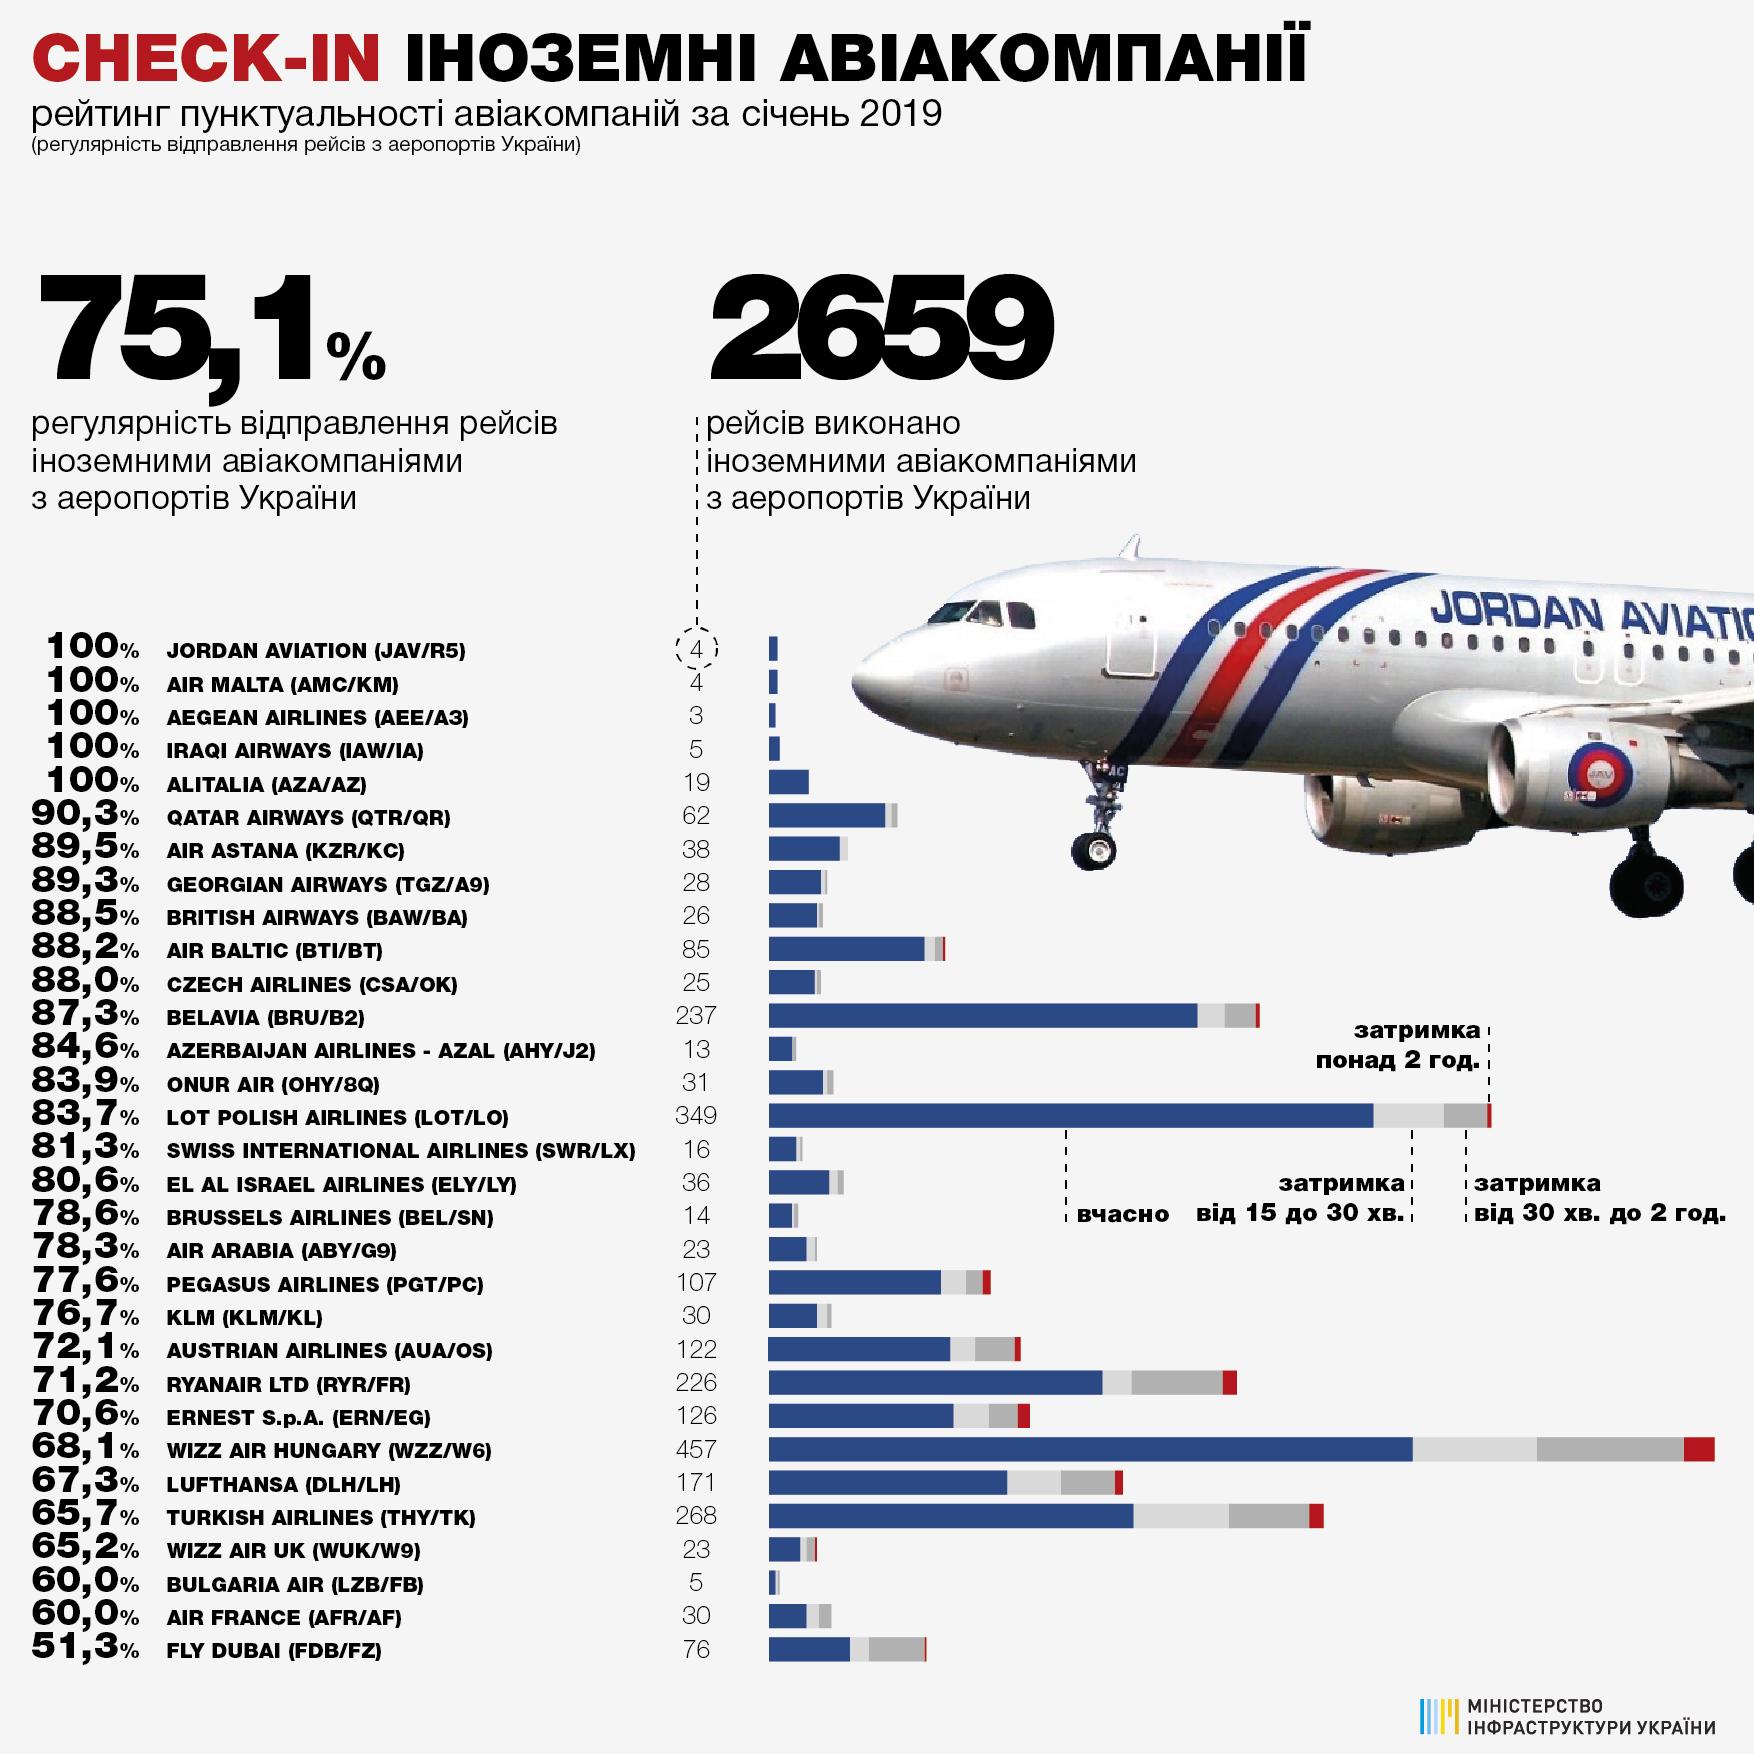 Рейтинг пунктуальности иностранных авиакомпаний при вылете из аэропортов Украины в январе 2019 года